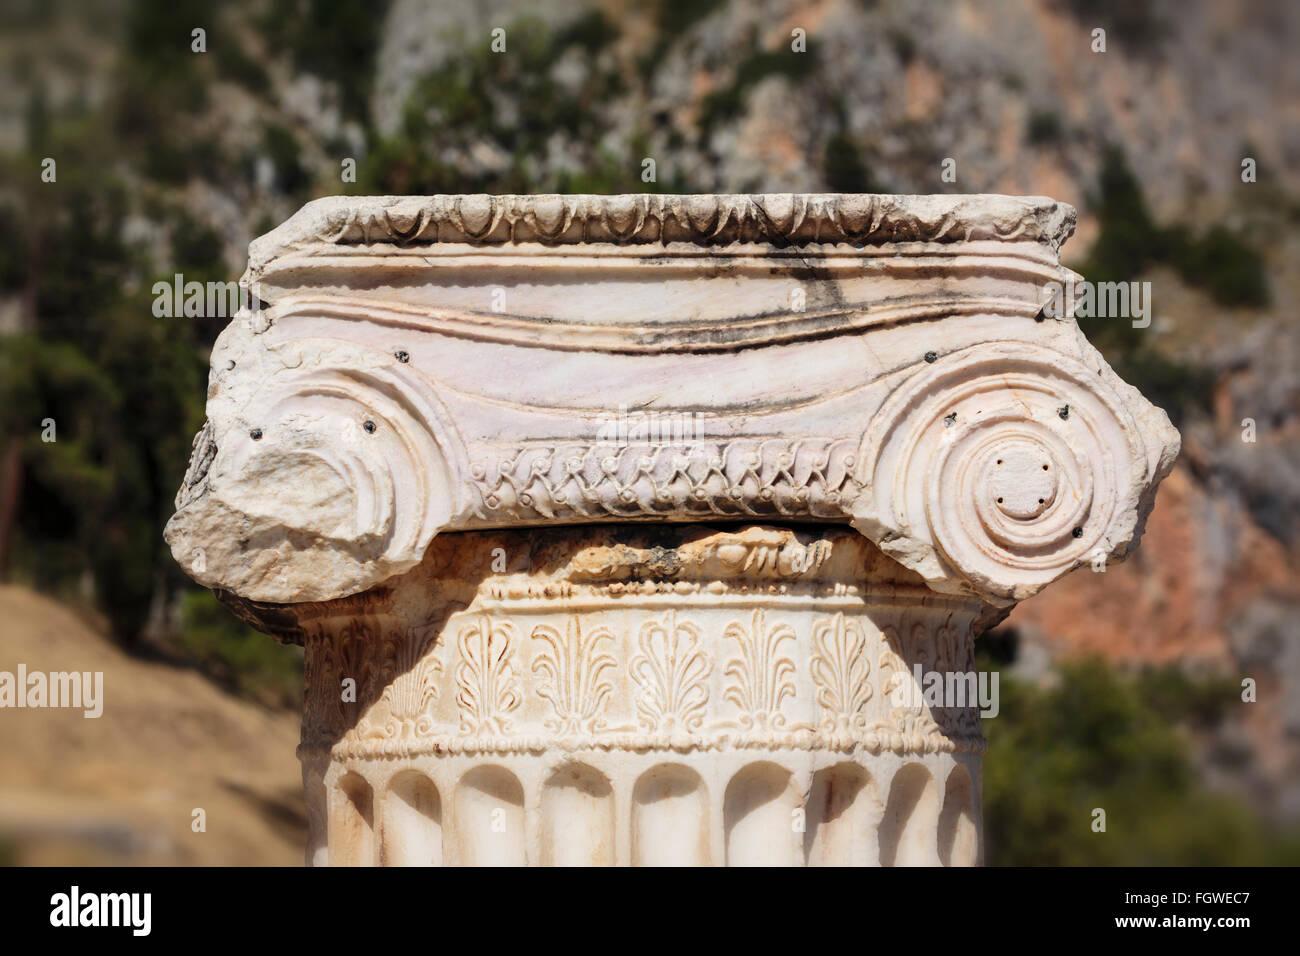 Ancient Delphi, Phocide, Grèce. La colonne brisée sur la Voie Sacrée couronnée par le capital de Corinthe Banque D'Images